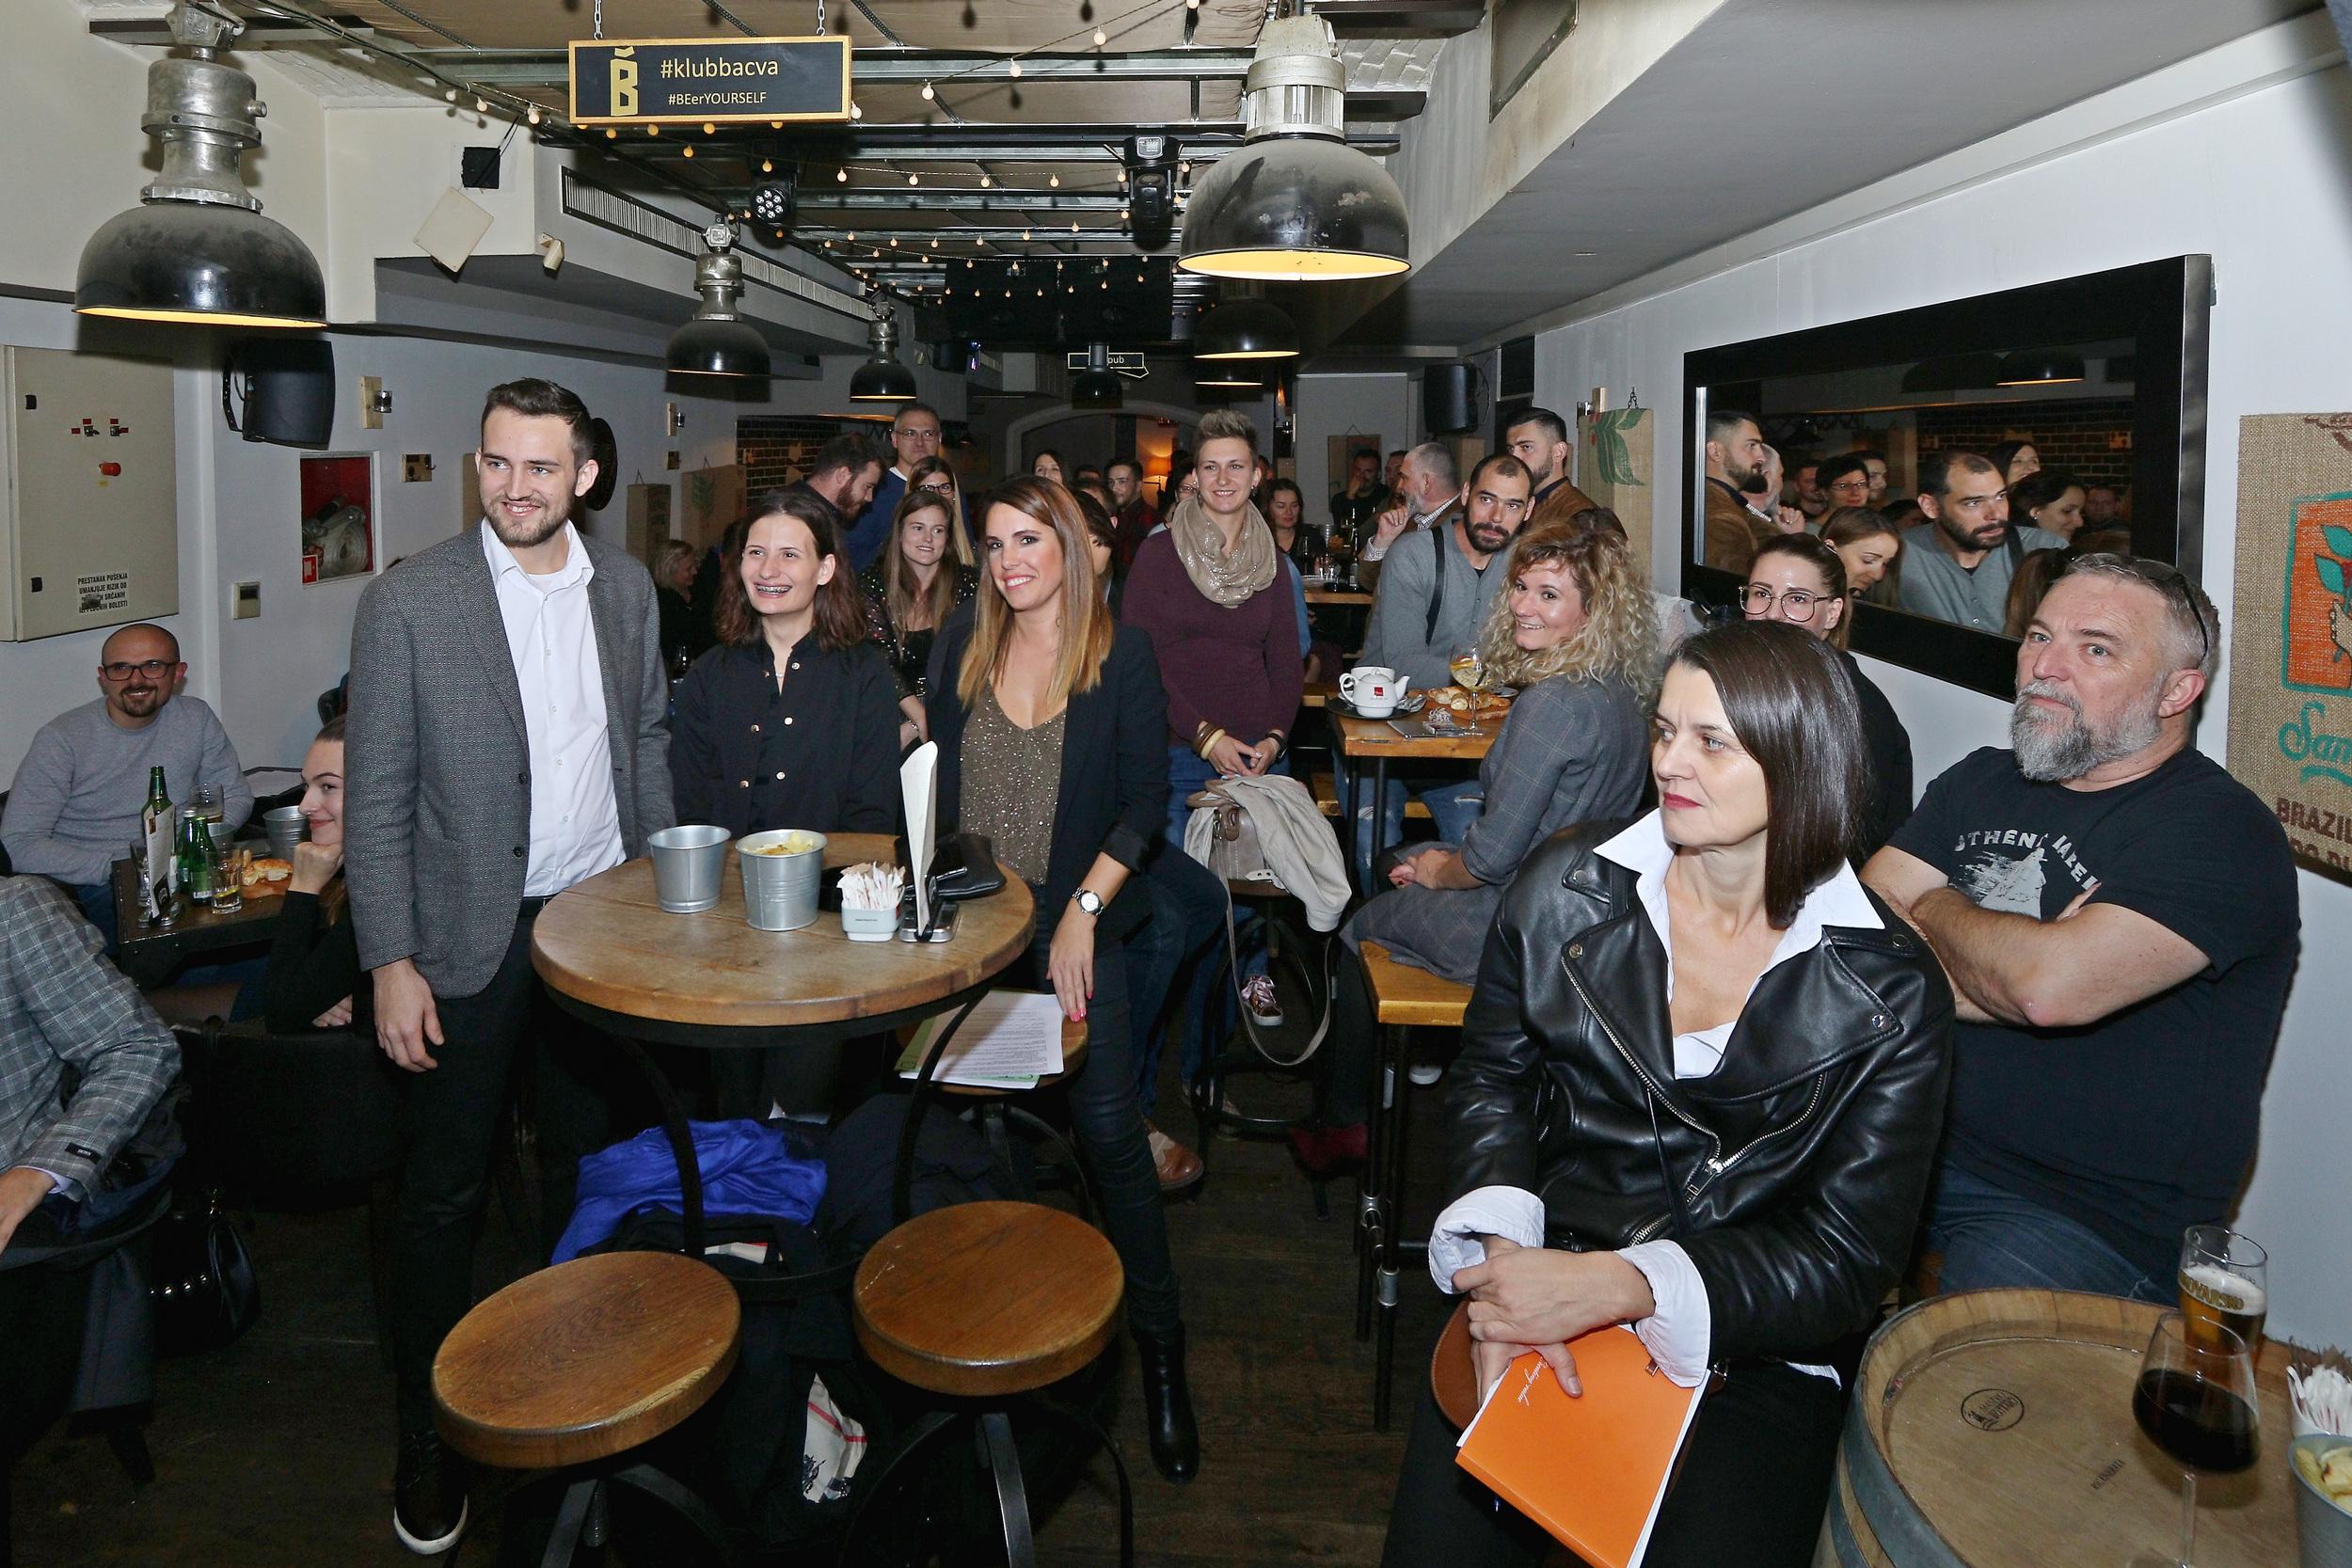 Klub Bačva: Obilježen ulazak 11. generacije u Startup inkubator Rijeka